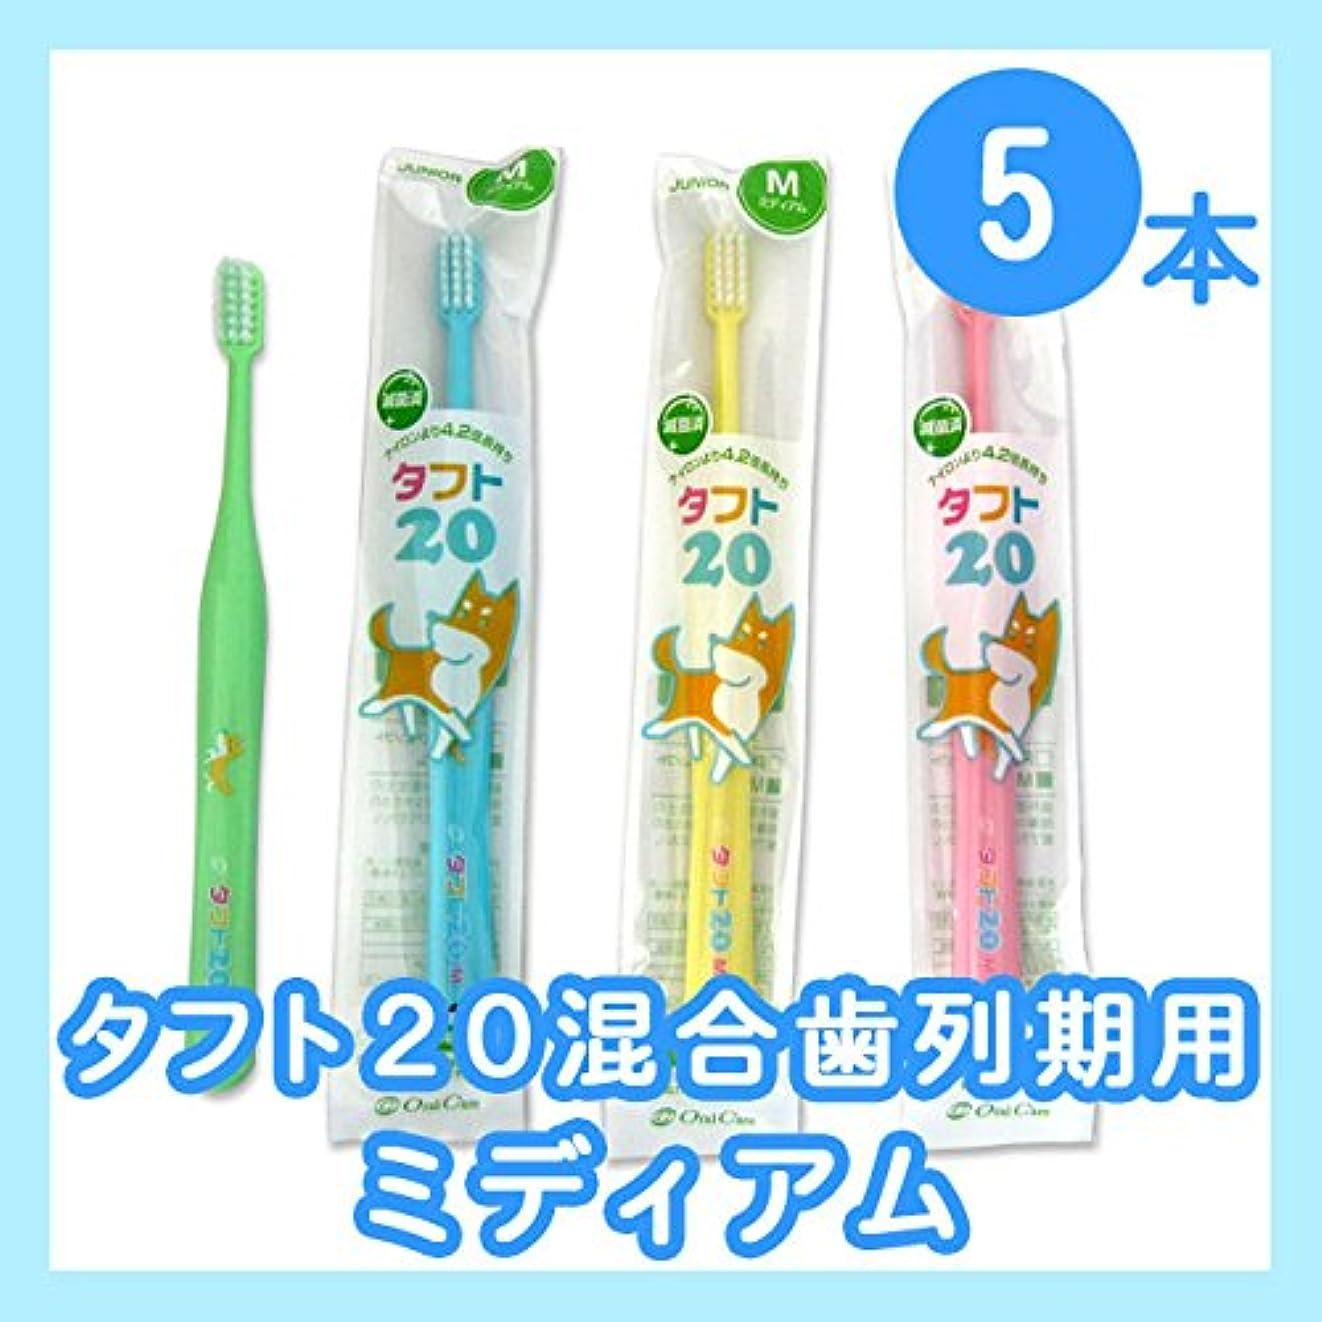 ヒューズ薄める居間タフト20 5本 オーラルケア タフト20/ミディアム 混合歯列期用(6~12歳)こども歯ブラシ 5本セット 子供 歯ブラシ【 イエロー